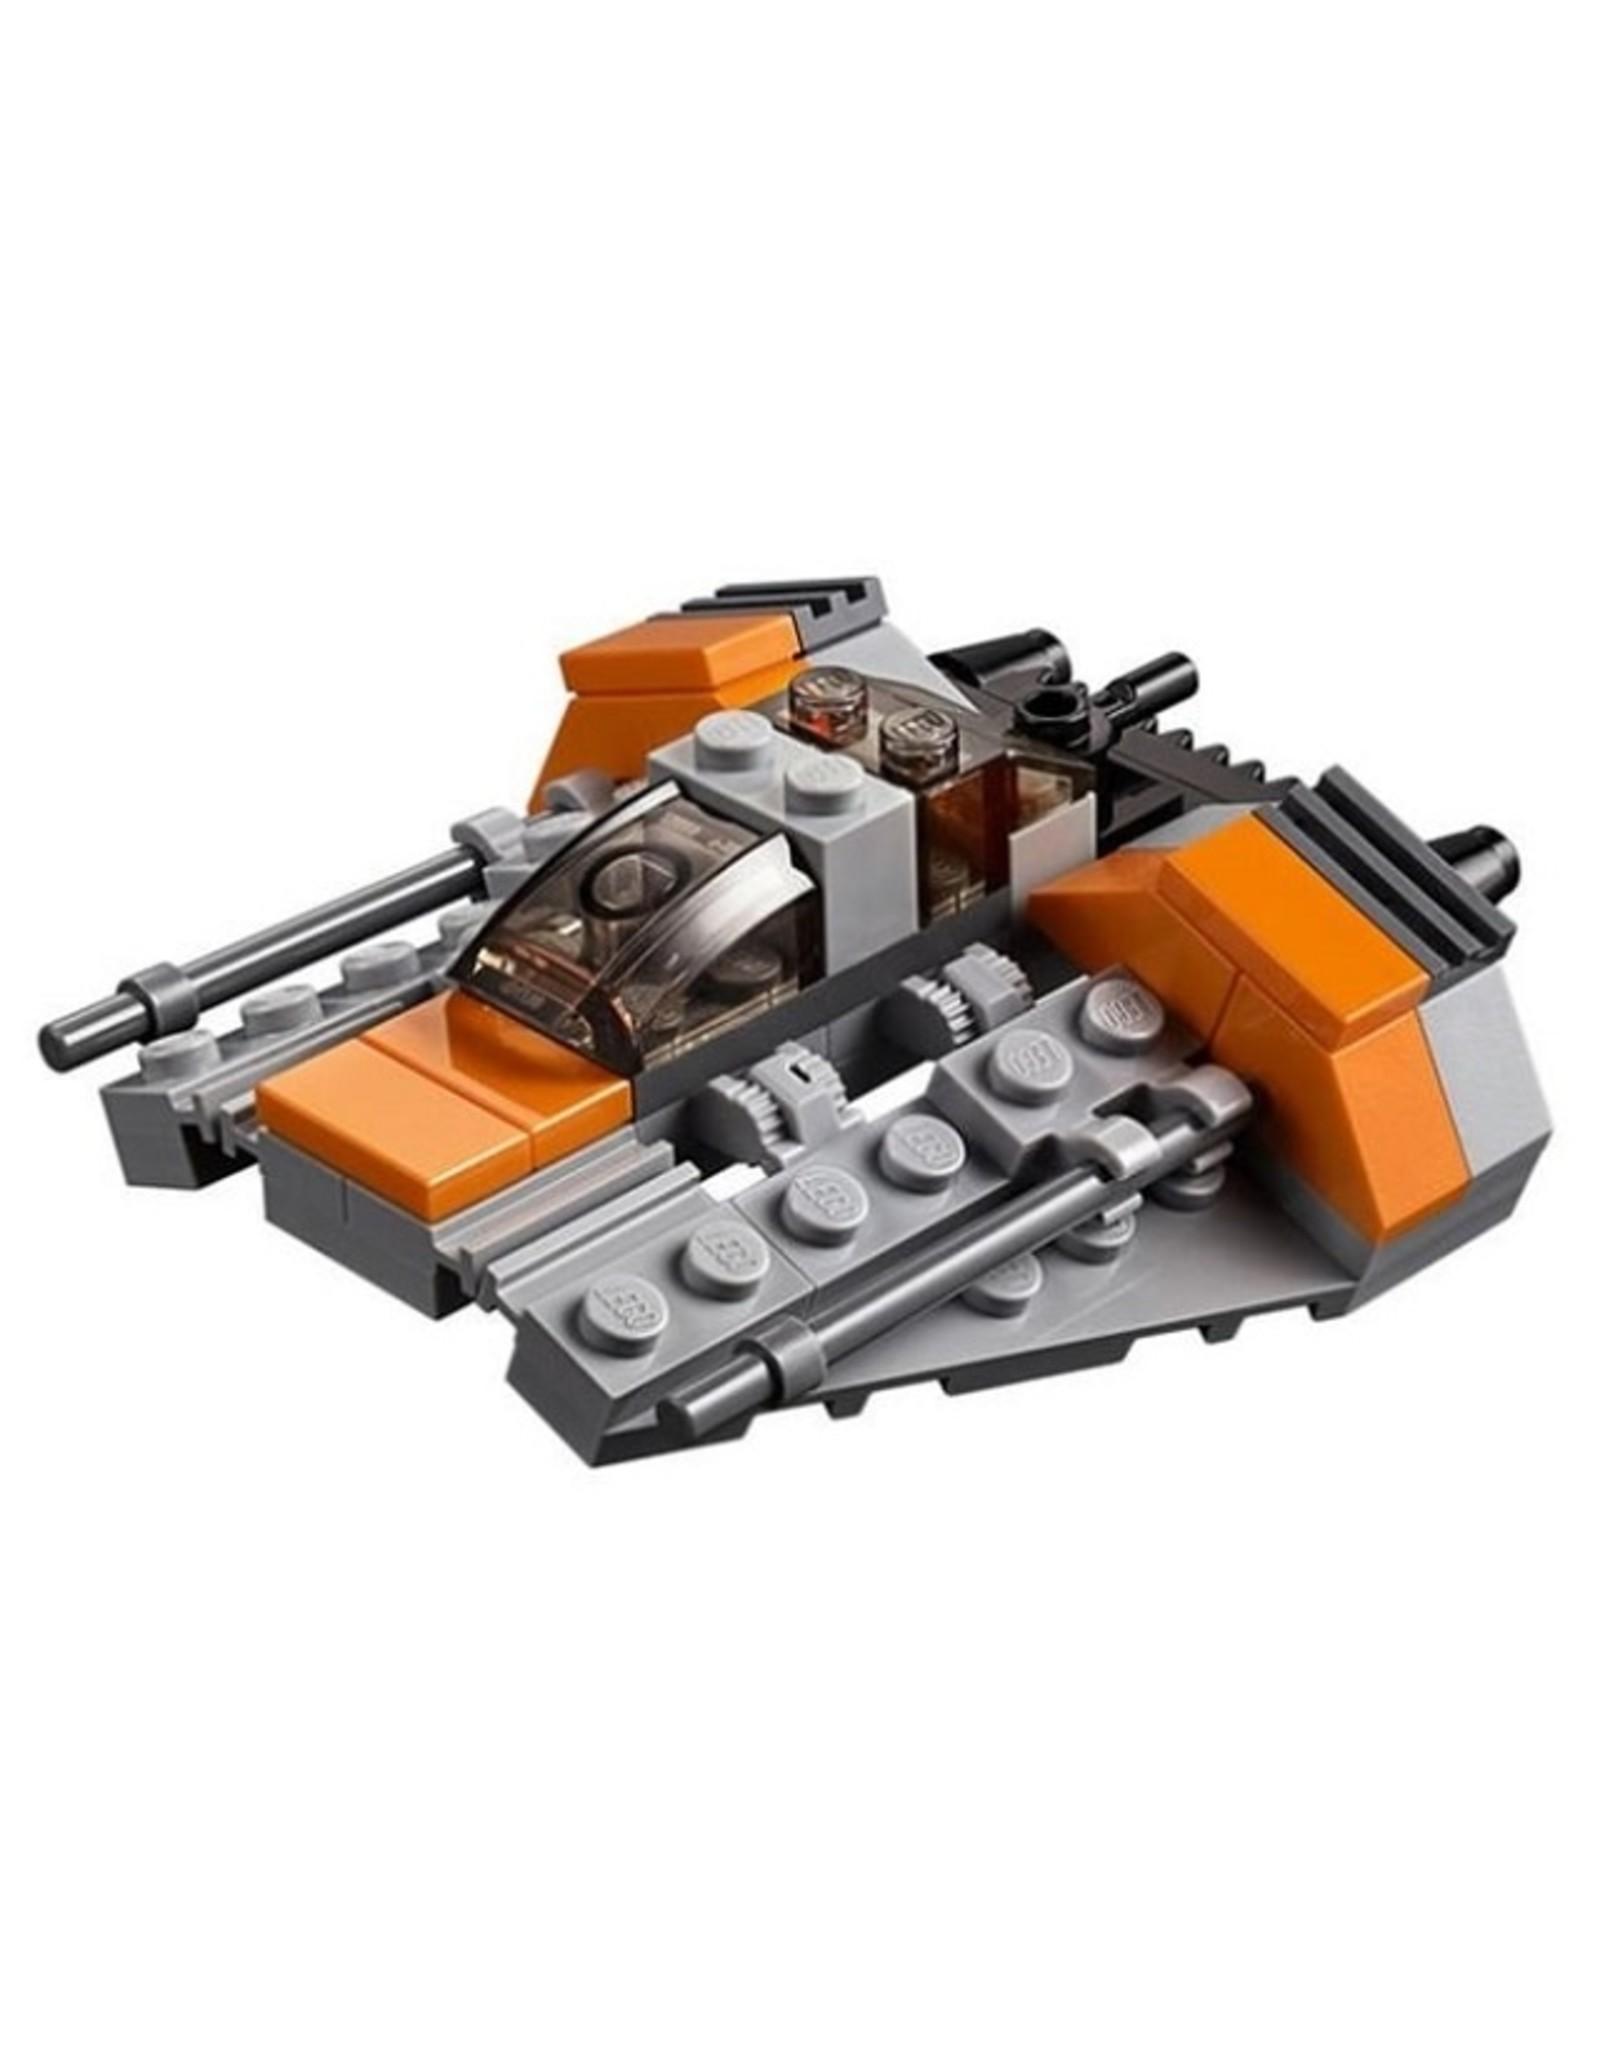 LEGO LEGO Star Wars 30384 Snowspeeder (Polybag)